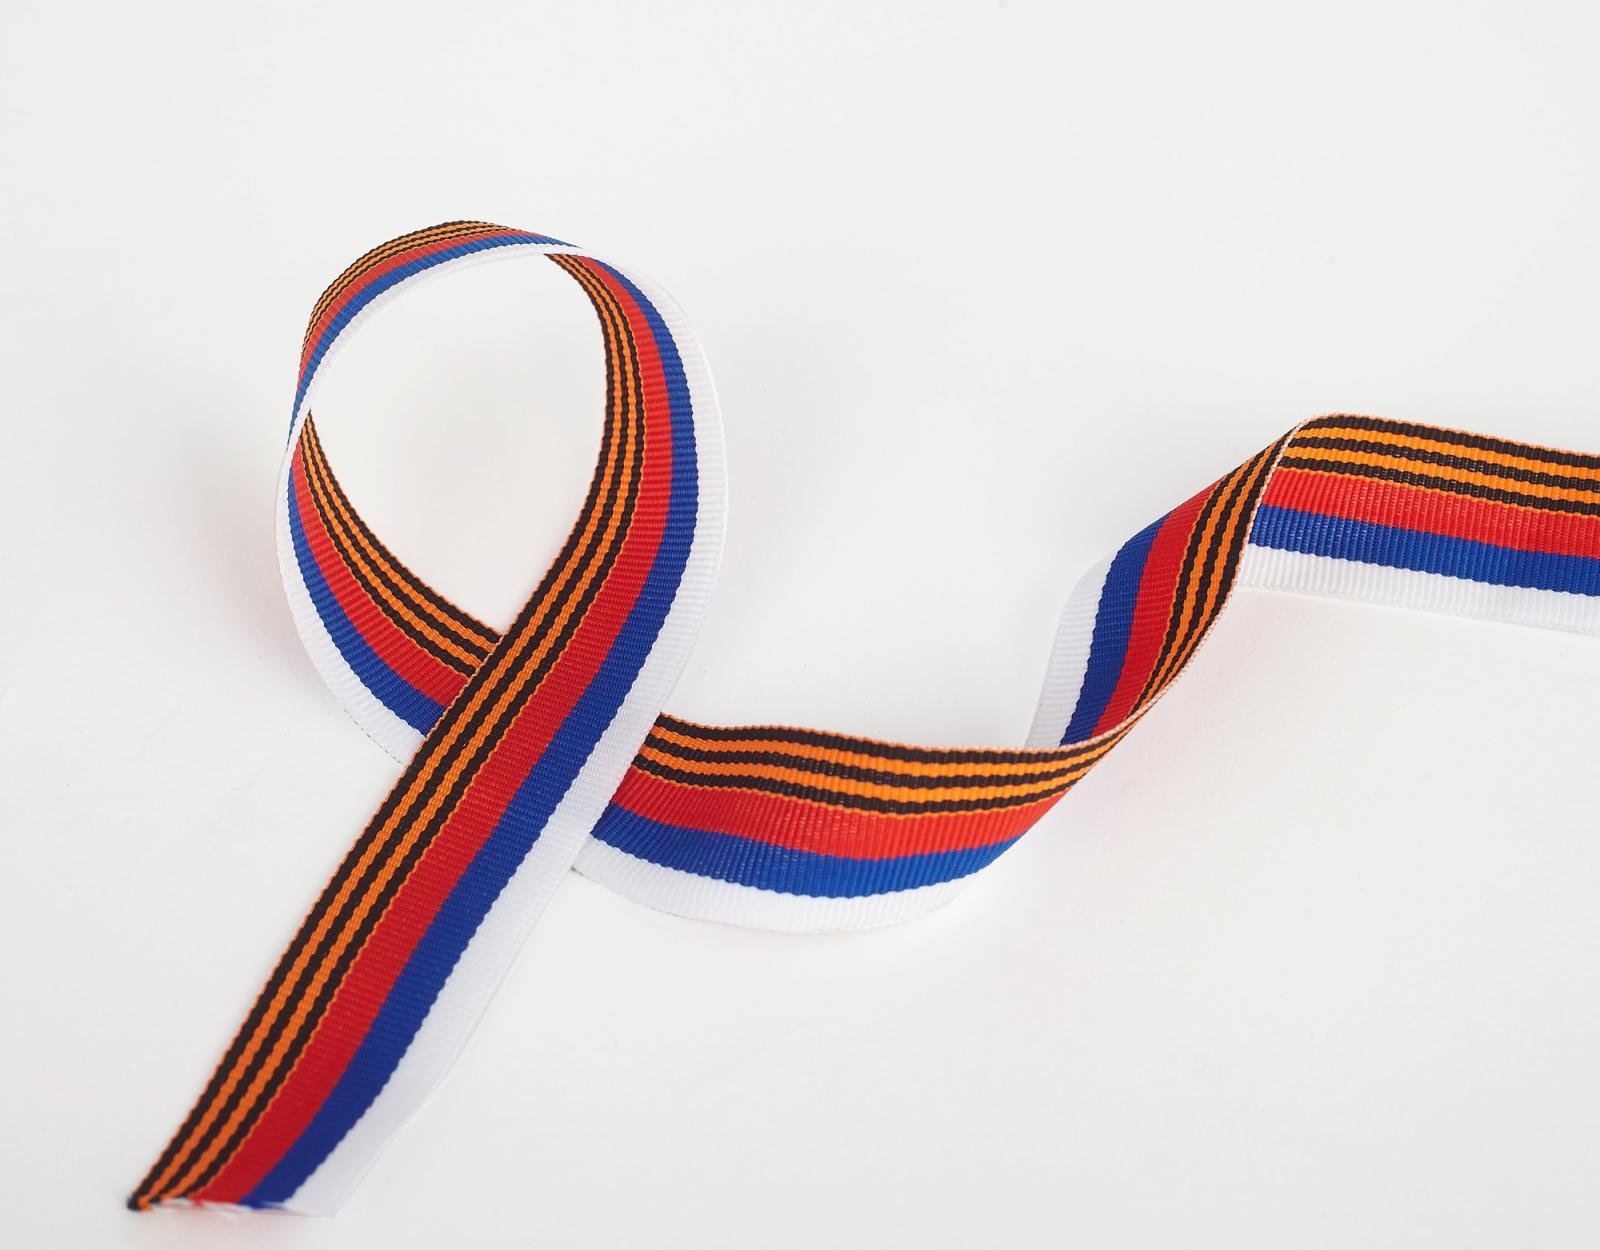 Лента триколор России с георгиевской ленточкой (3,0 x 30 см)